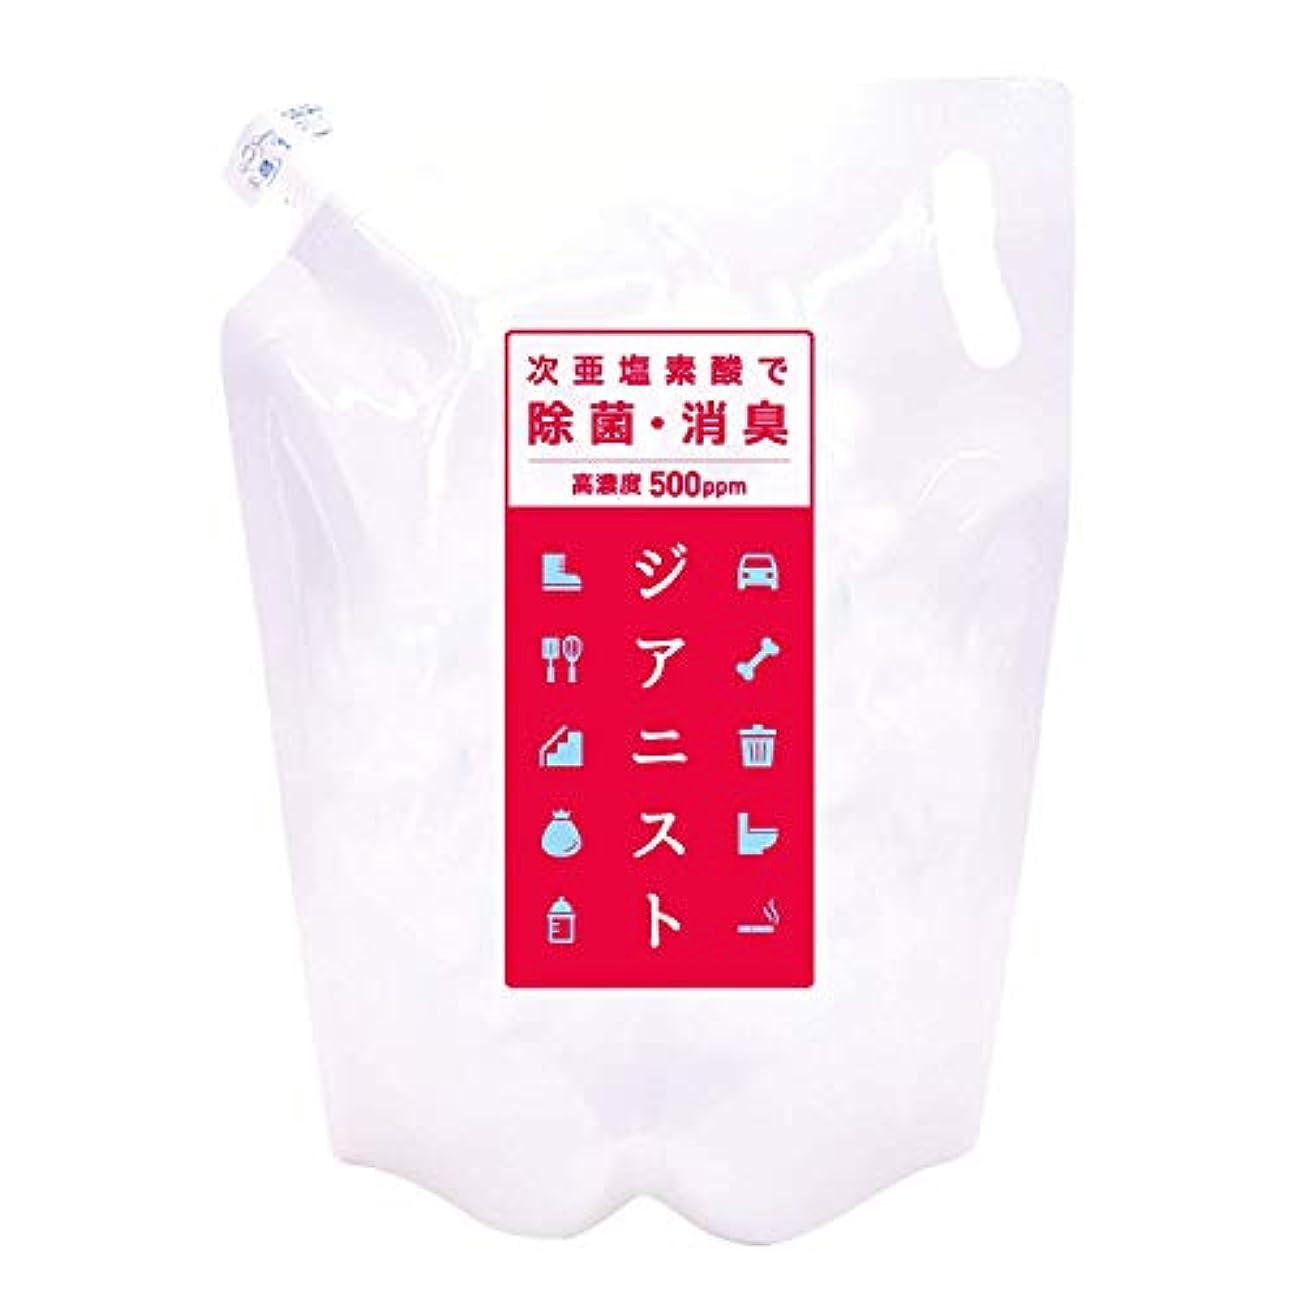 セラーメダル優れた大容量 2500mL ジアニスト 次亜塩素酸 高濃度 500ppm 除菌 消臭